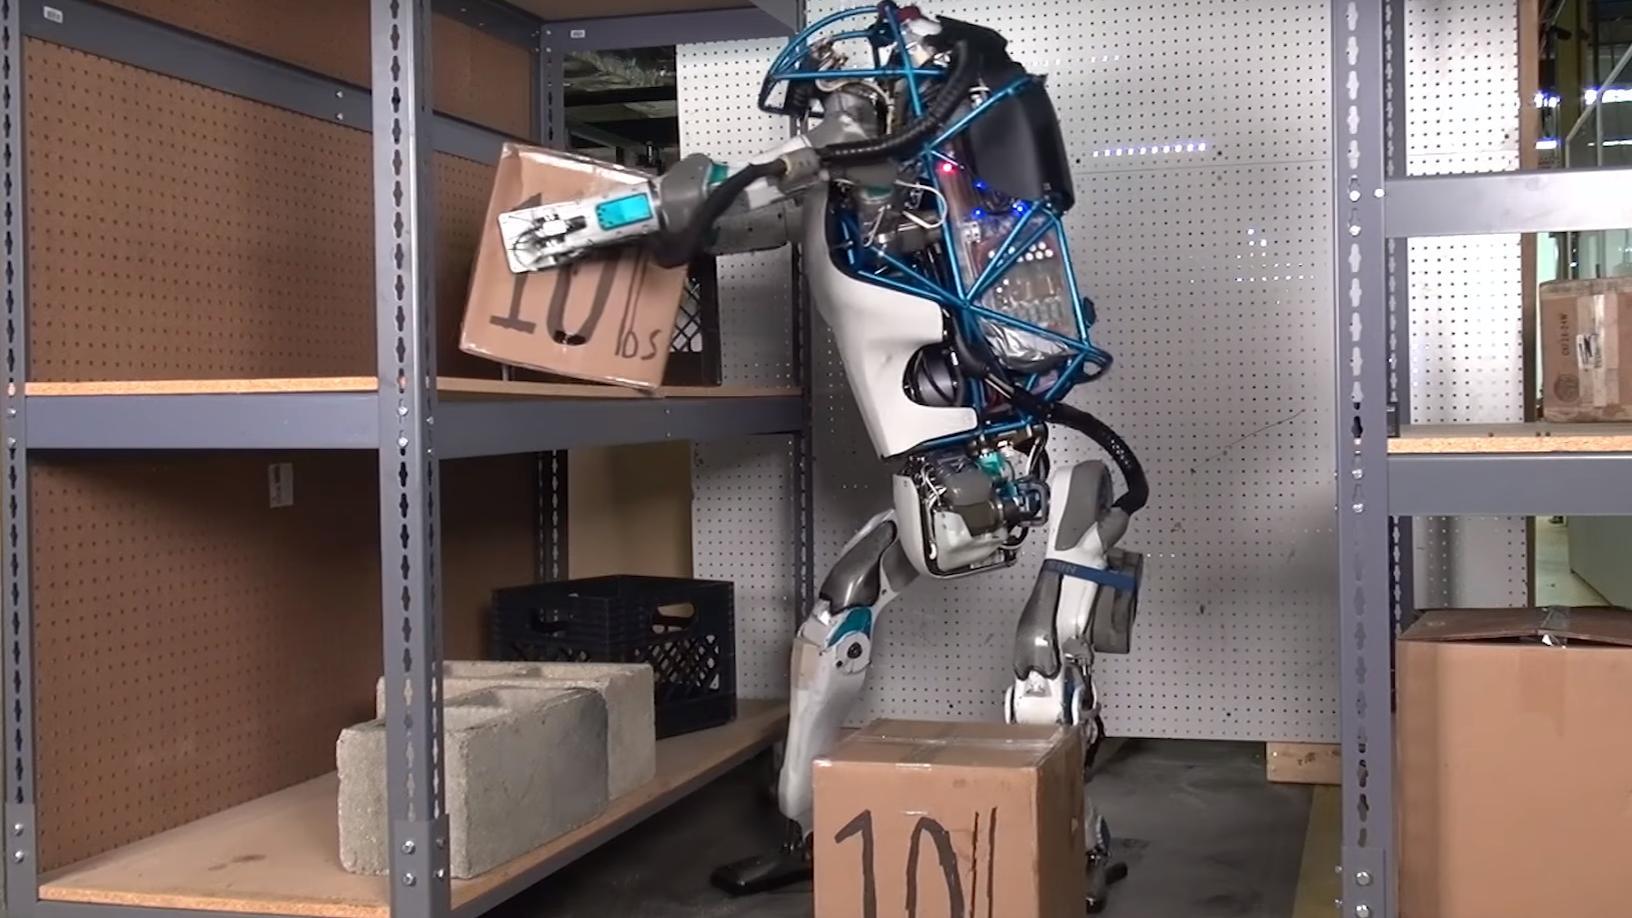 Snart kan Googles menneskelignende roboter bli mer forbrukerrettede